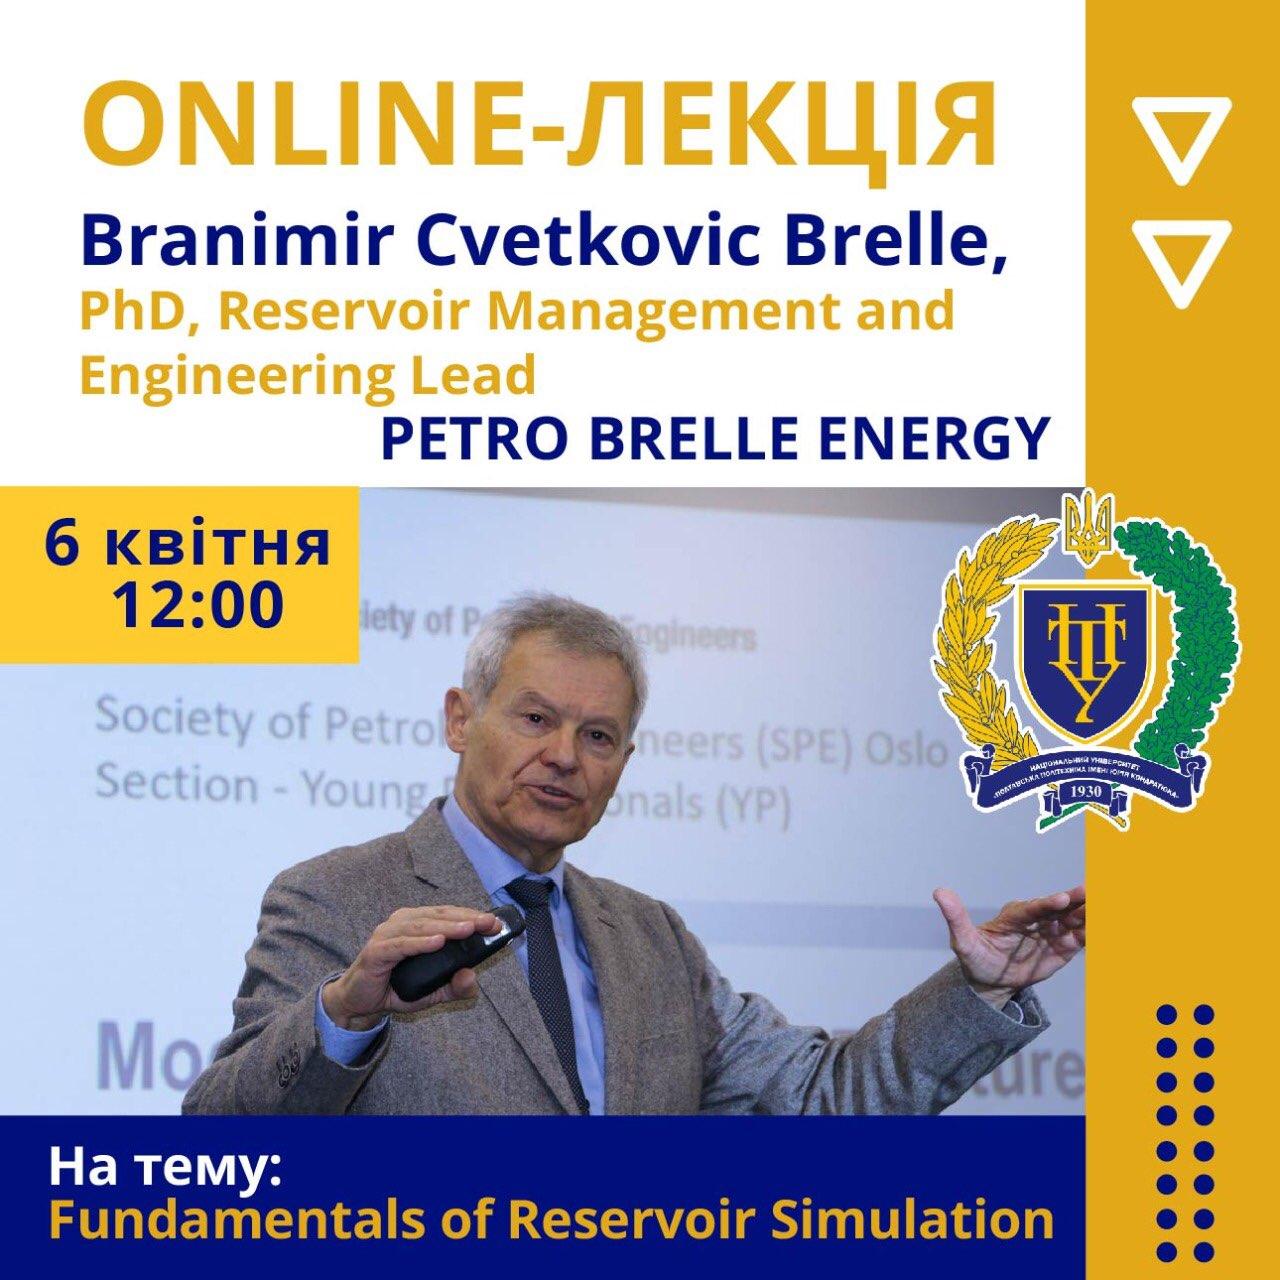 Відкрита реєстрація на онлайн-лекцію професора Браніміра Цвєтковича